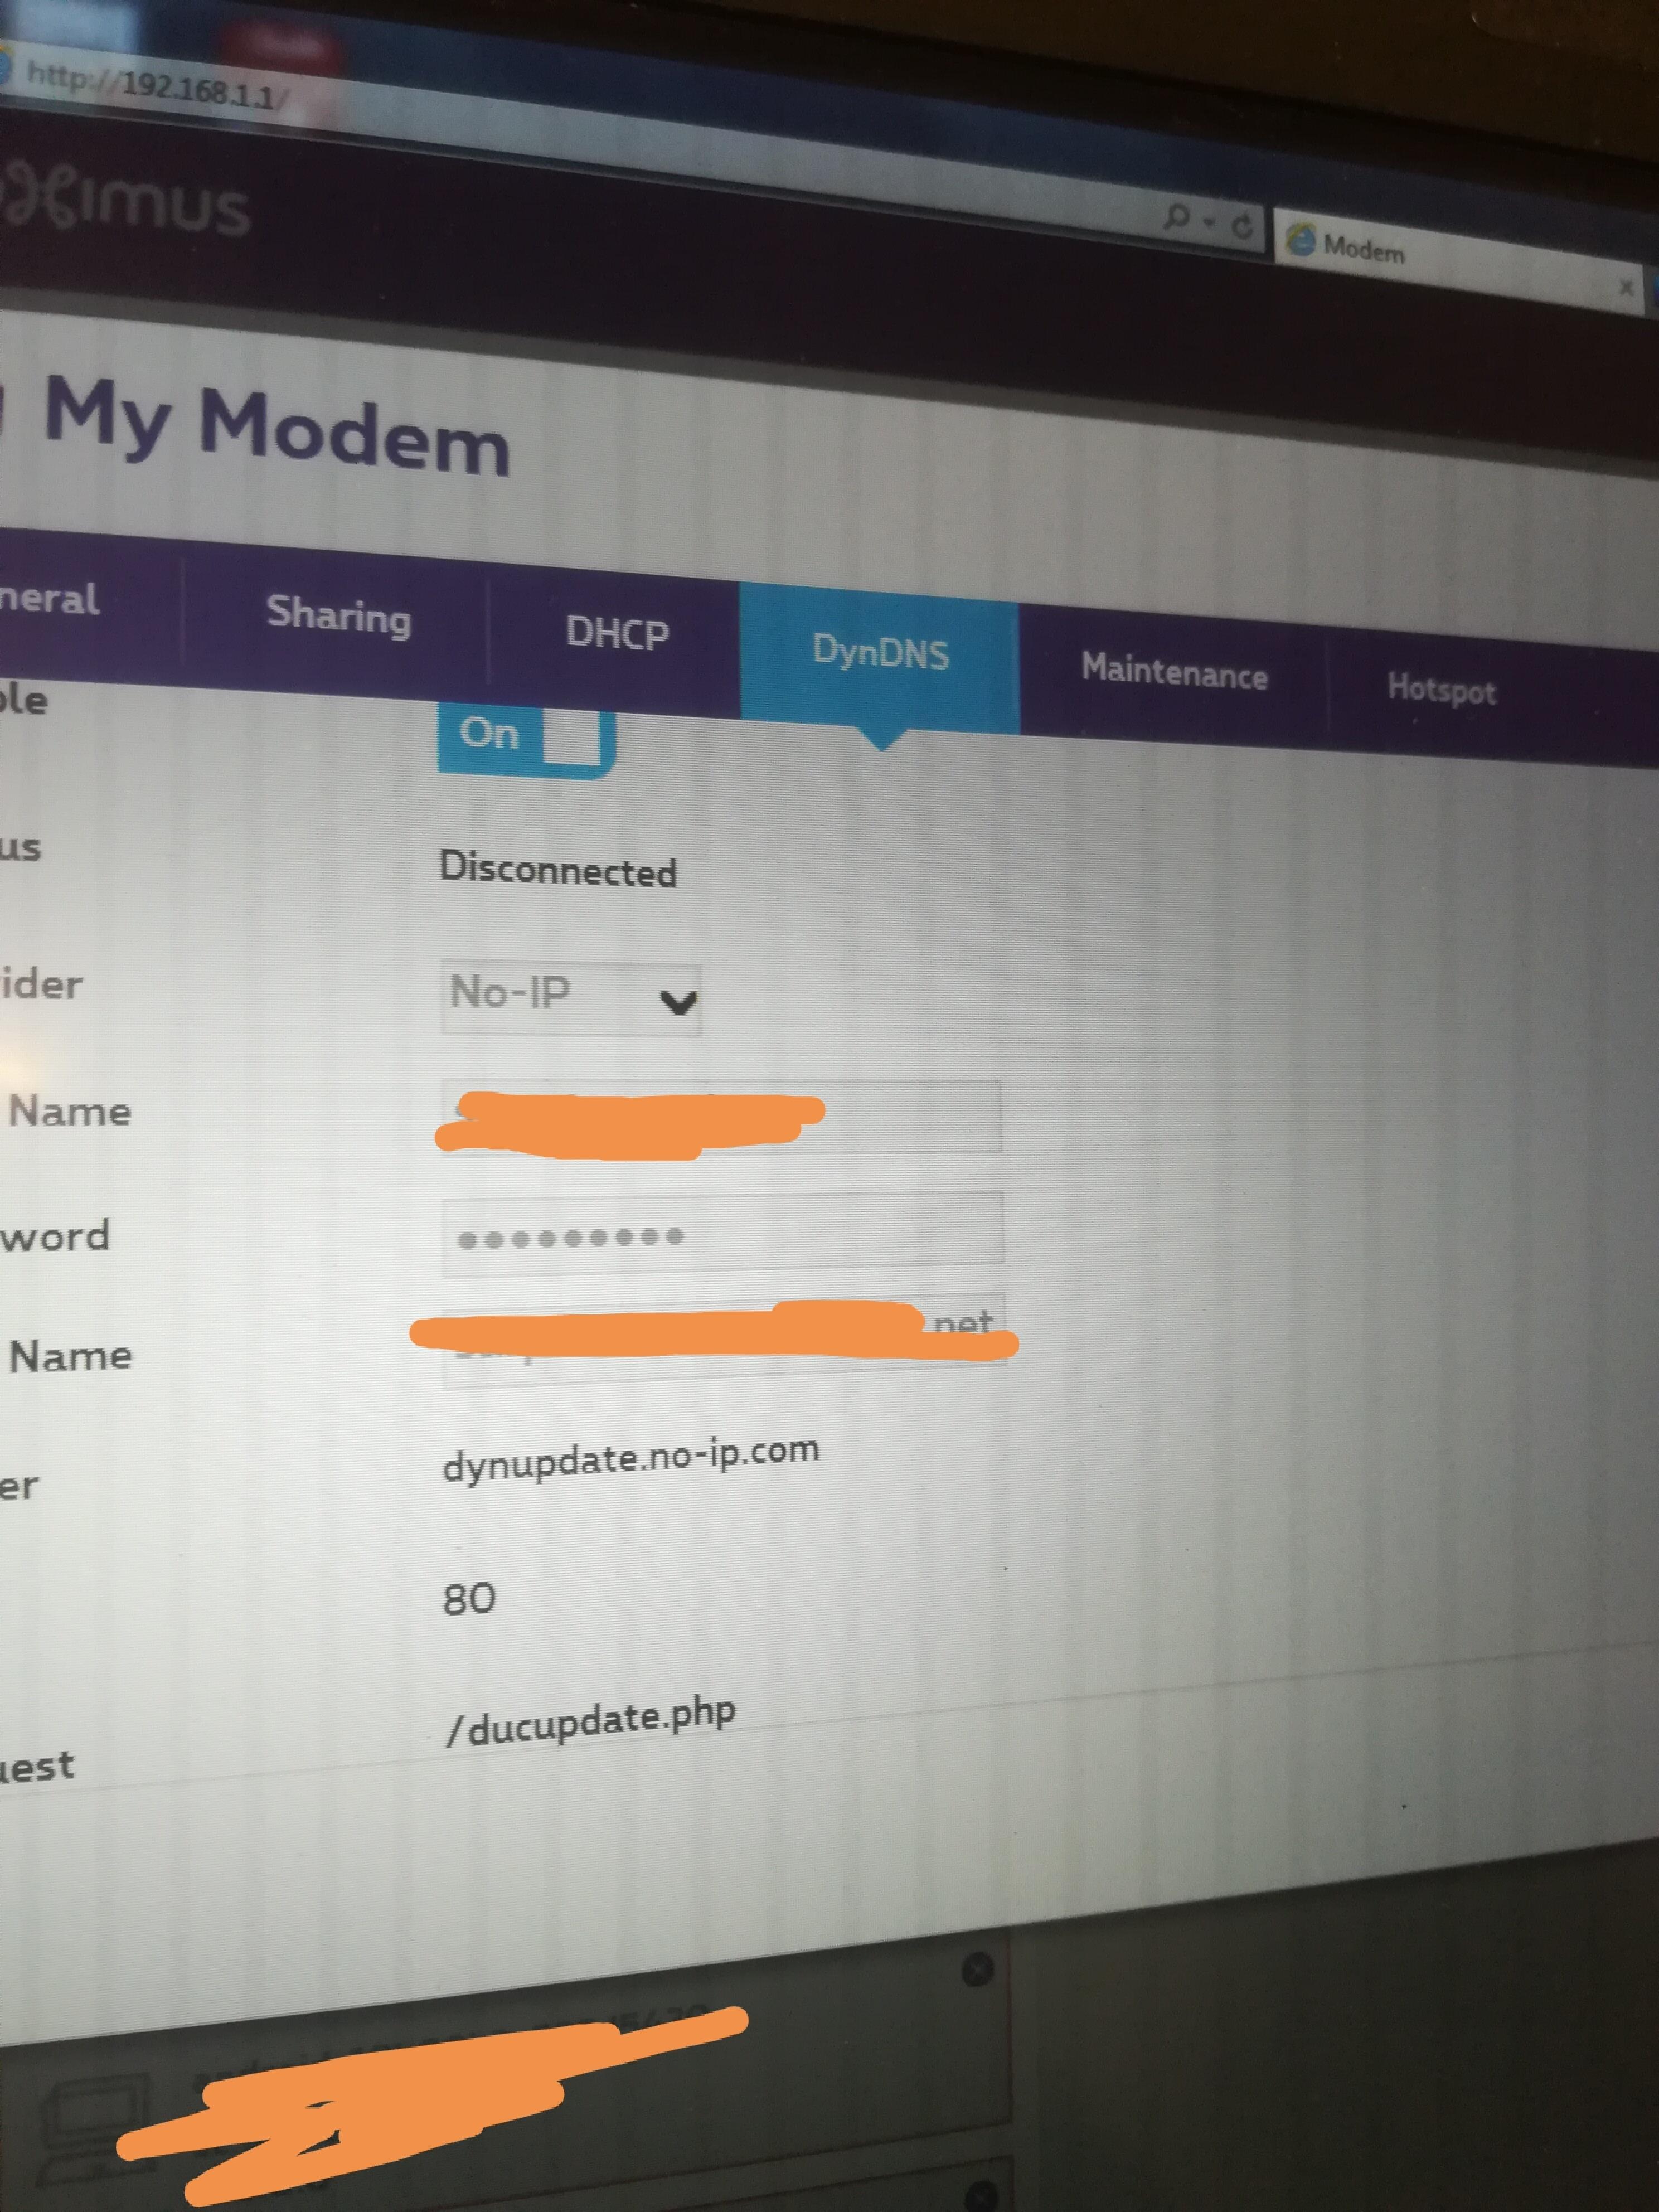 DynDNS functie werkt niet op bbox 3   Proximus Forum